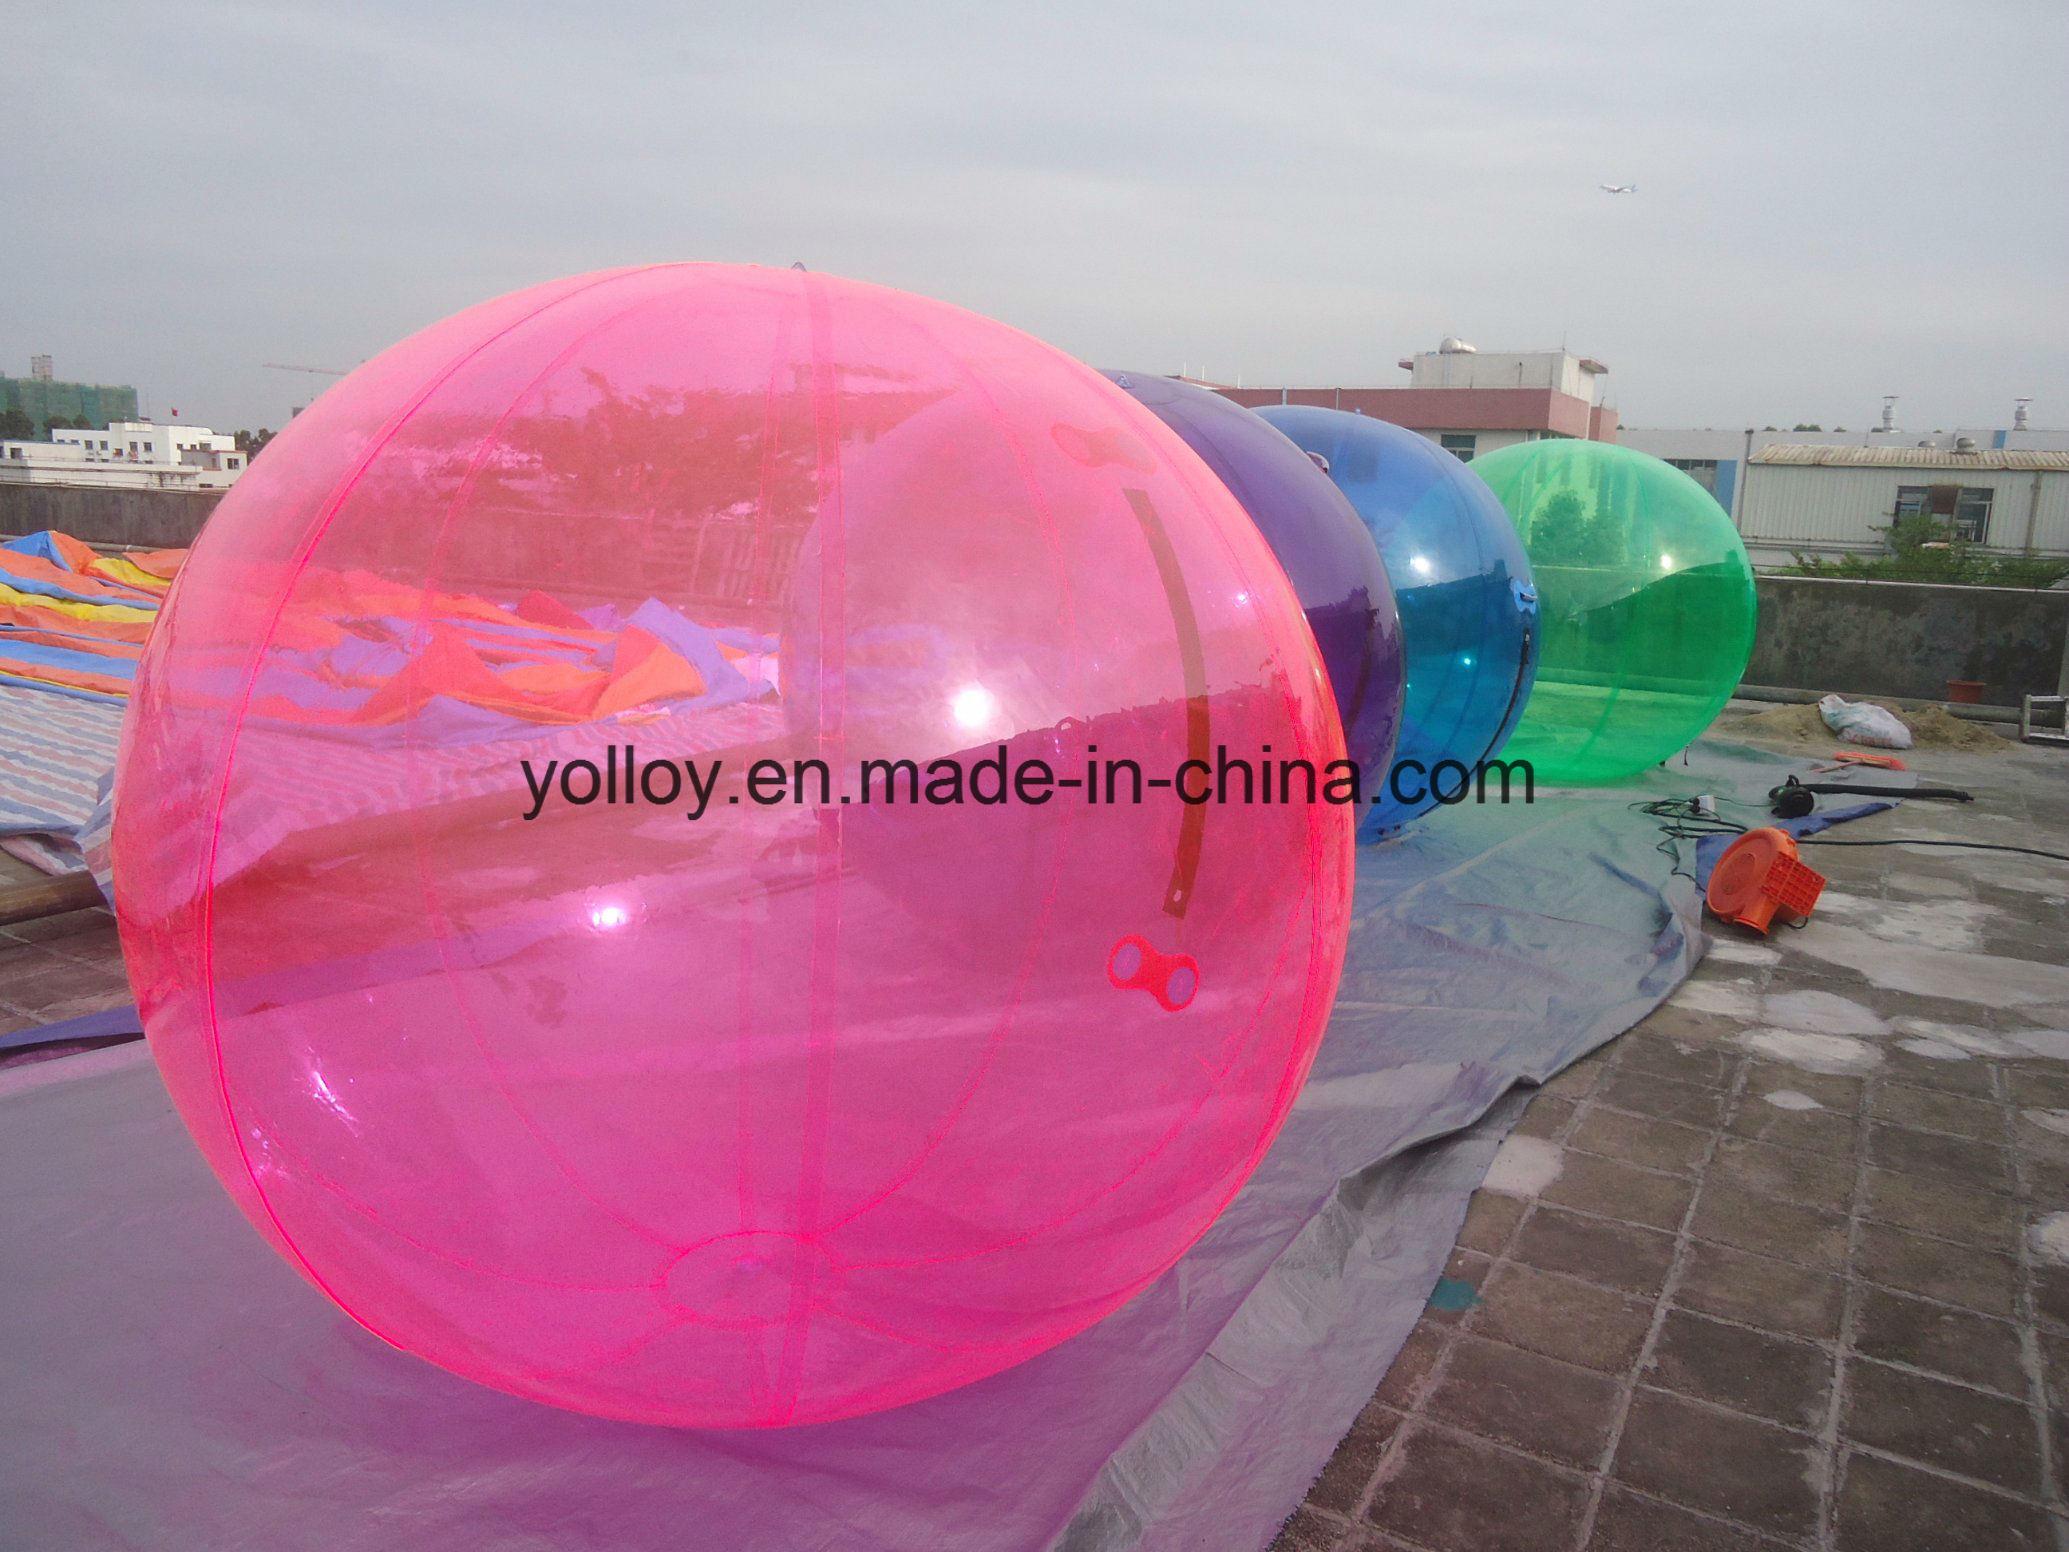 Bola Juguete En Jugar Agua El De Para Foto Burbuja Hinchable mwvN8n0